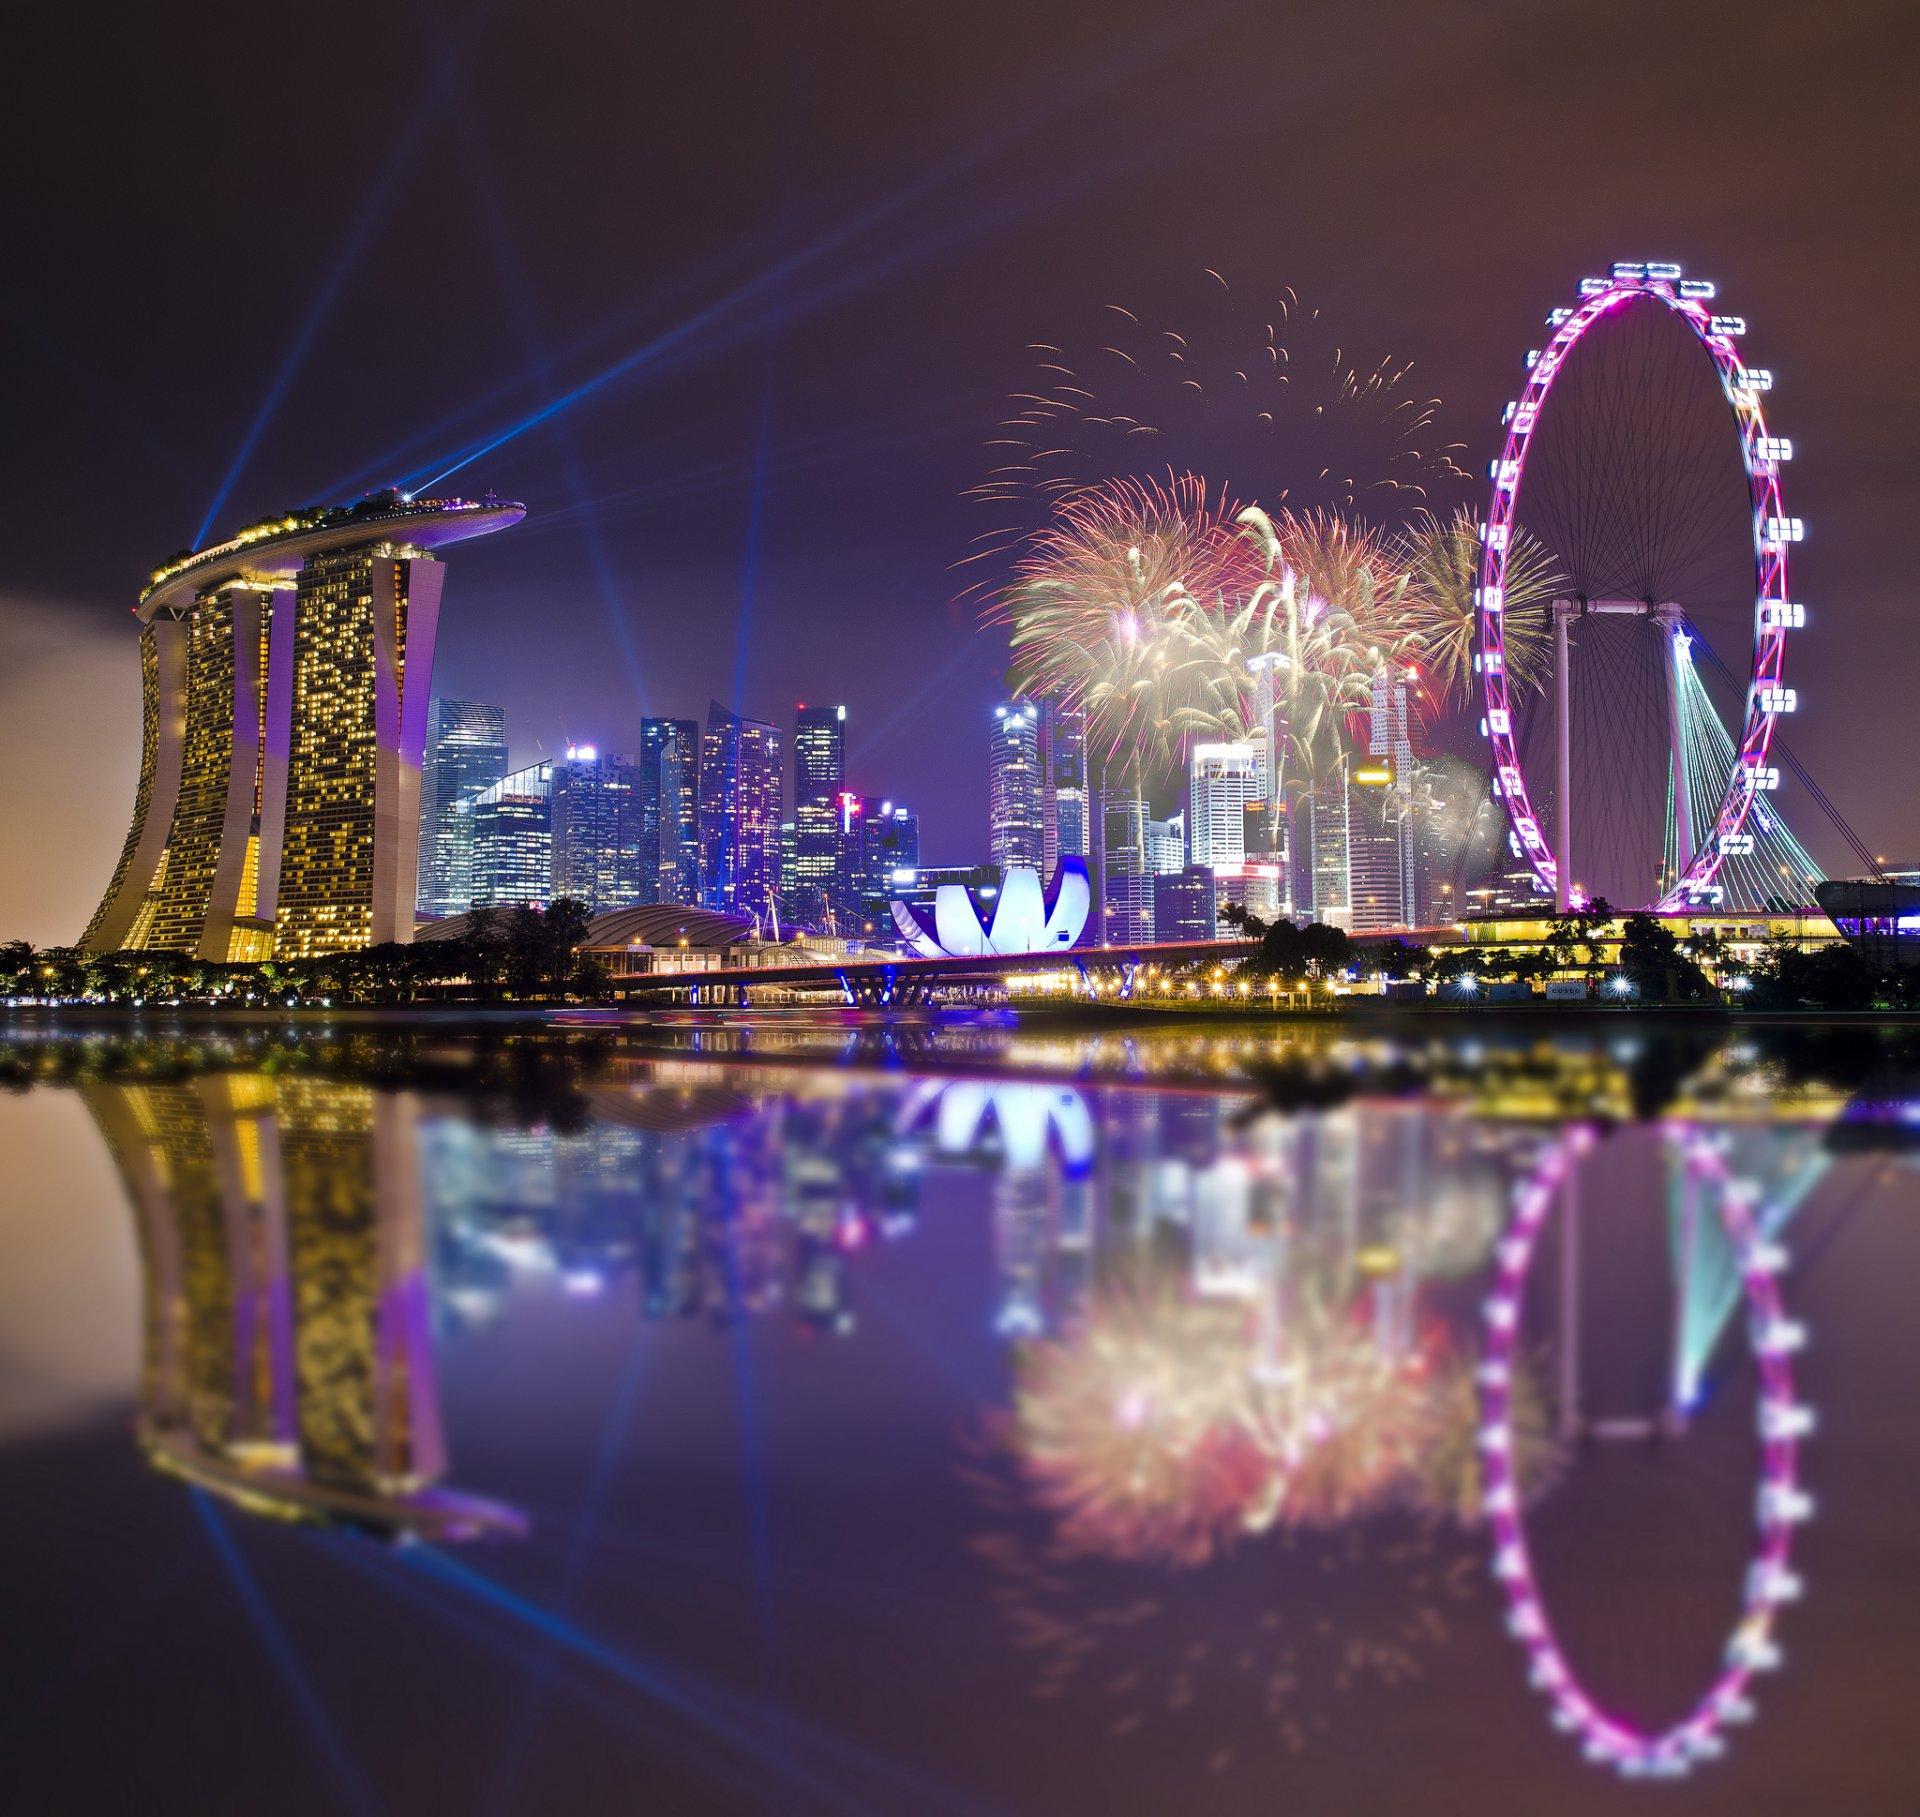 нестандартные красивые фото на фоне сингапура доказательств существования ковчега